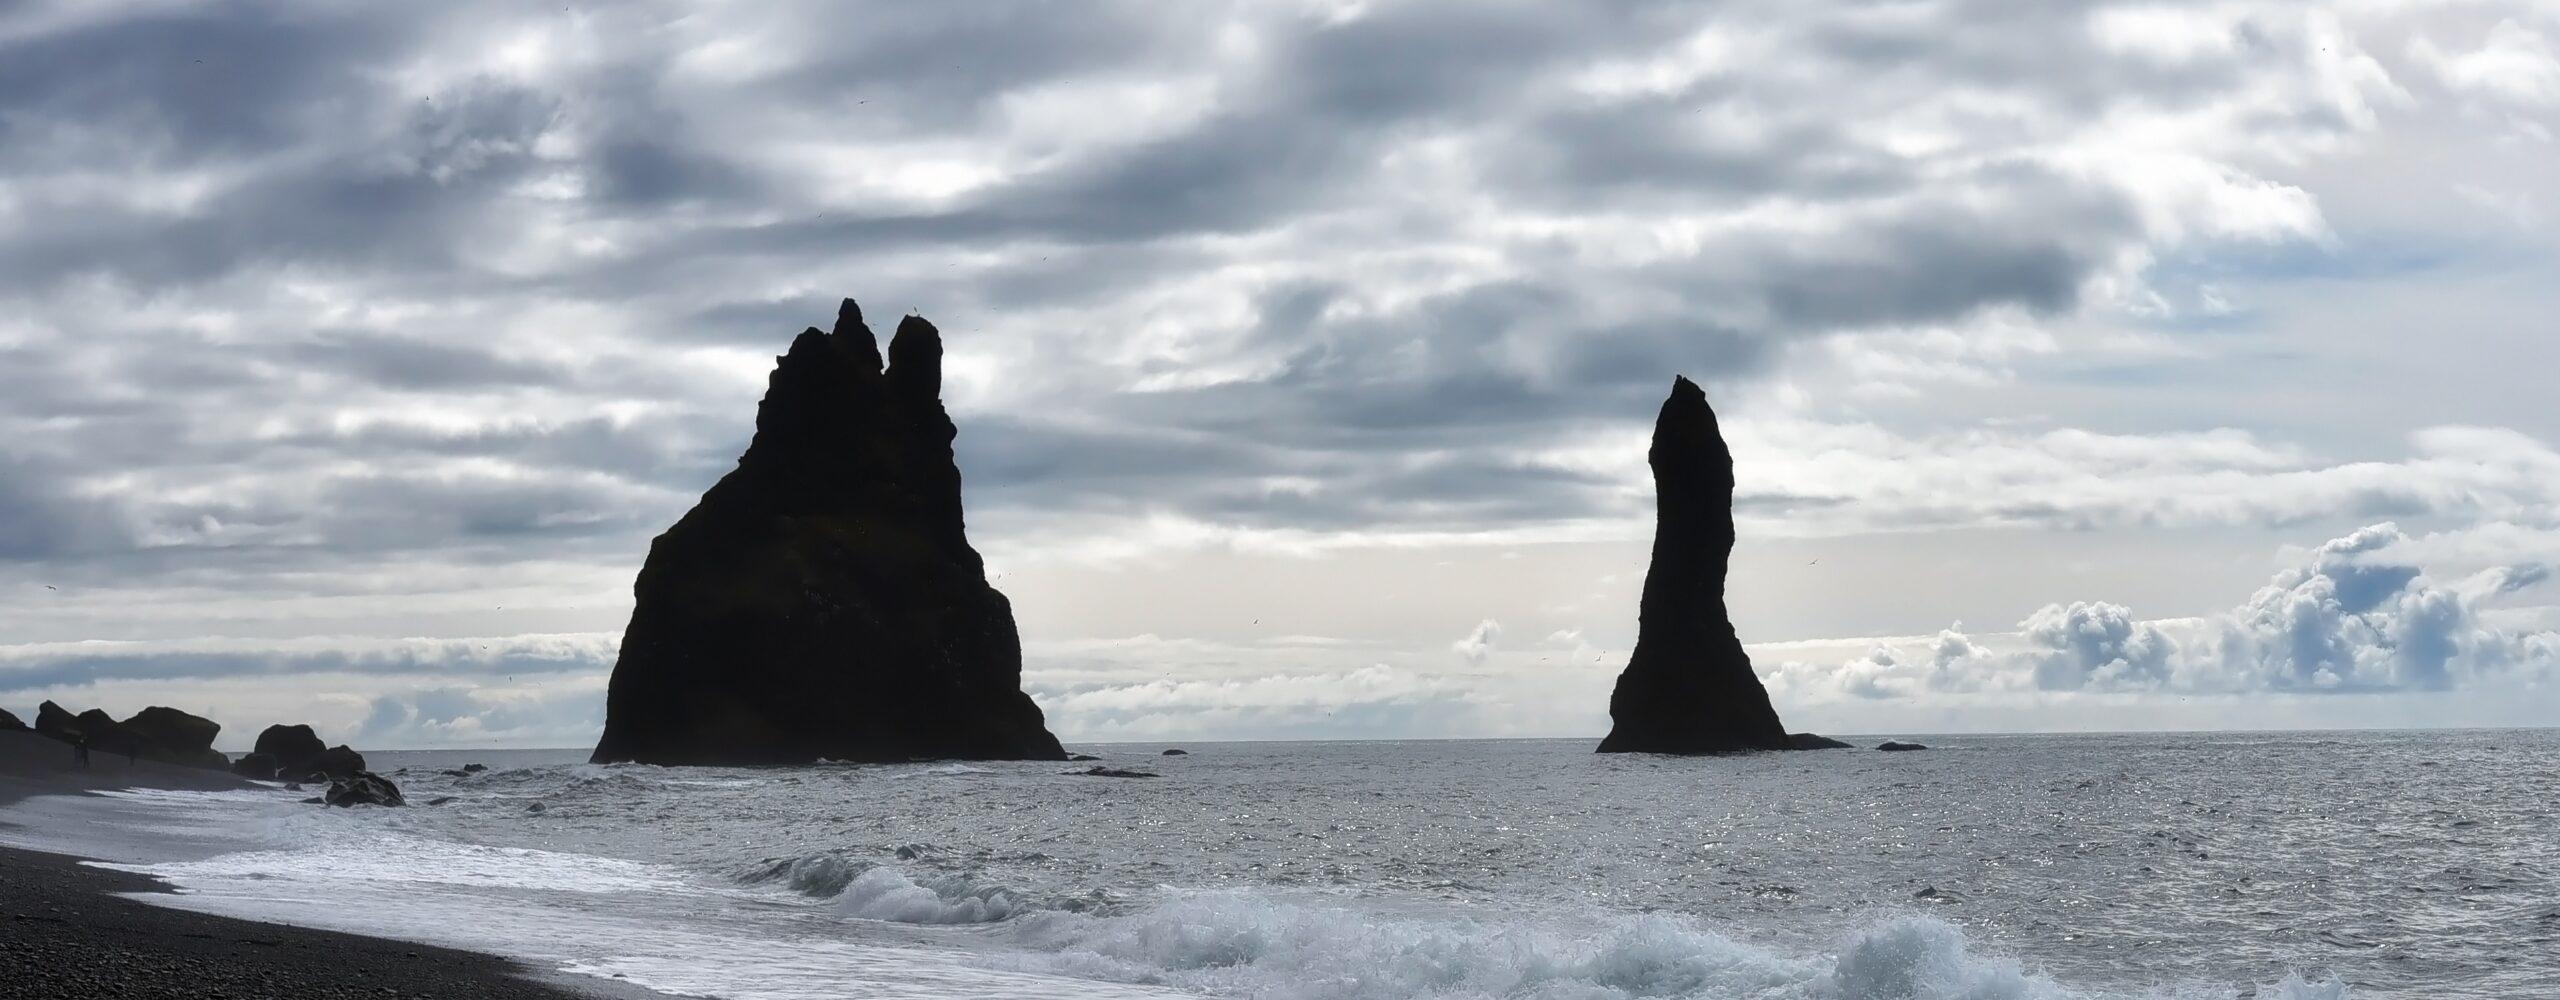 Скалы иканьоны